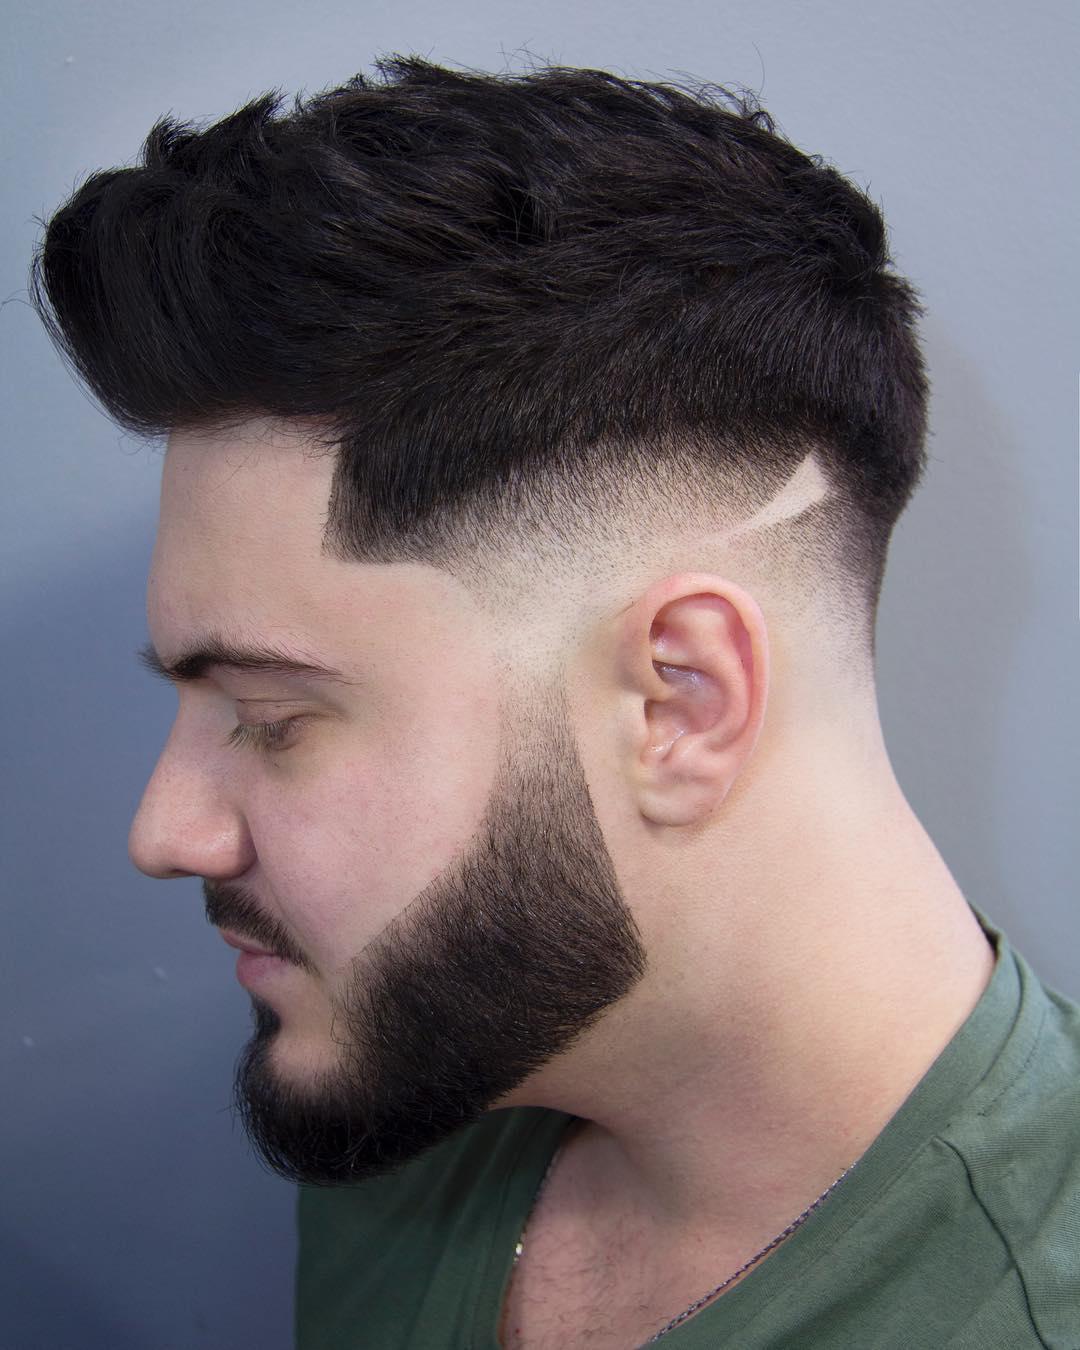 انواع مدل مو و ریش مردانه اسپرت و جدید 2018